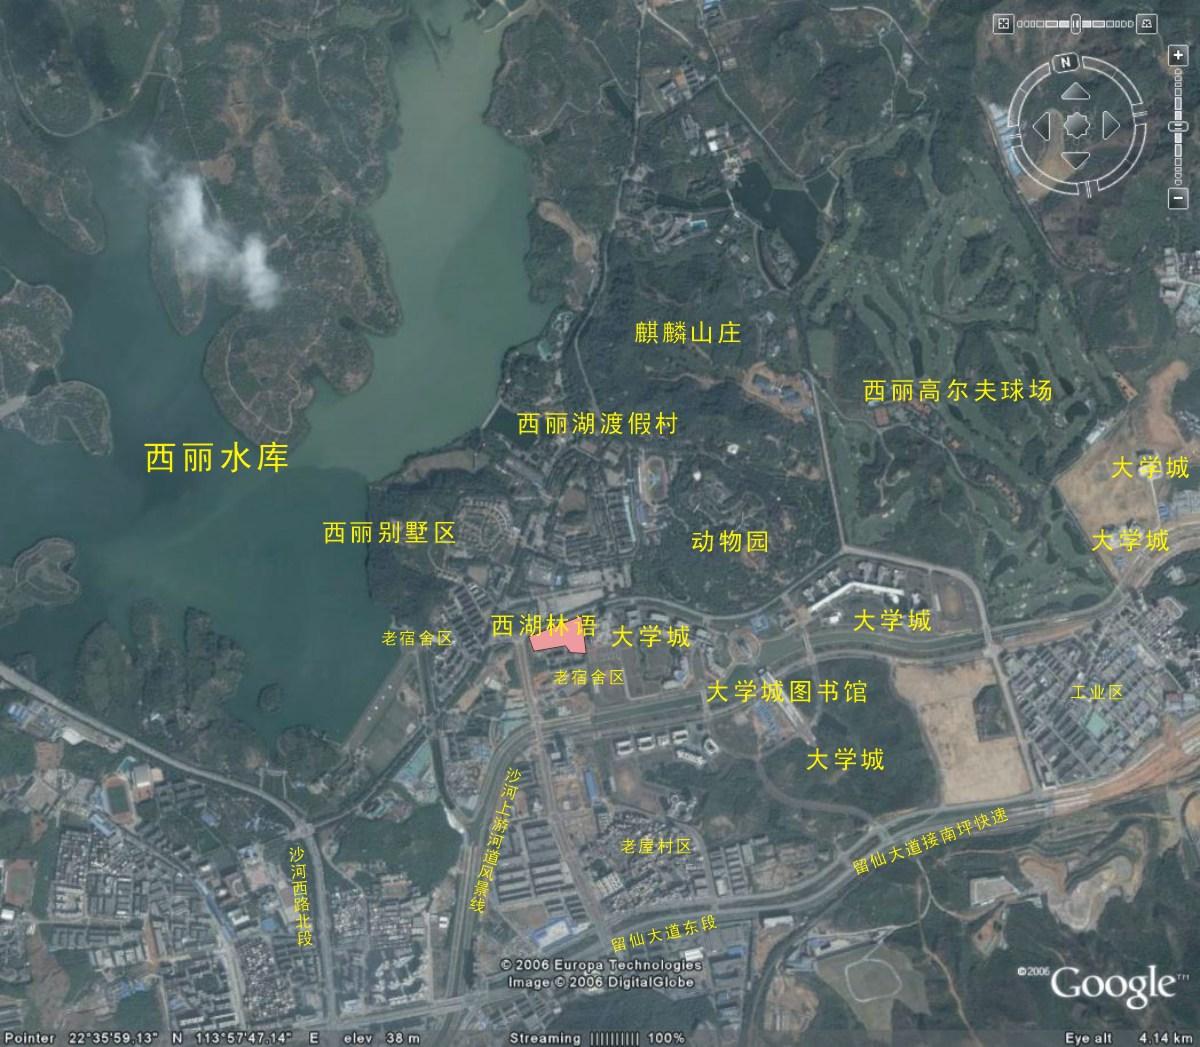 深圳西丽片区地理杂志 (1)卫星地图